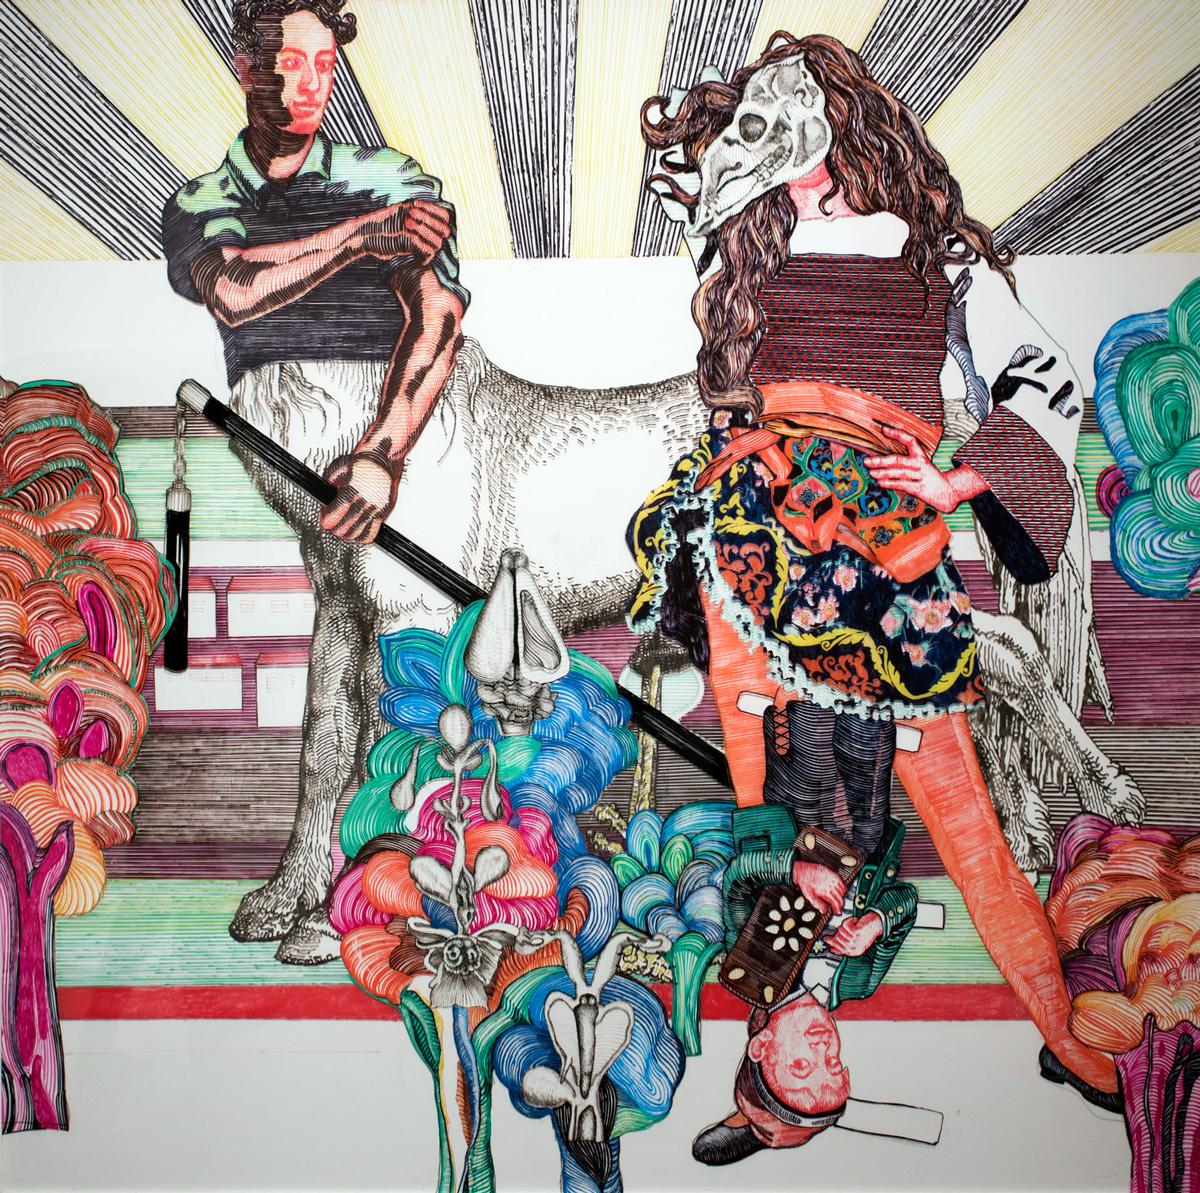 קורניליה רנץ, חדש ישן, טוש פיגמנטי על לוחות פרספקס, 2019 | קרדיט צלם: שי הלוי